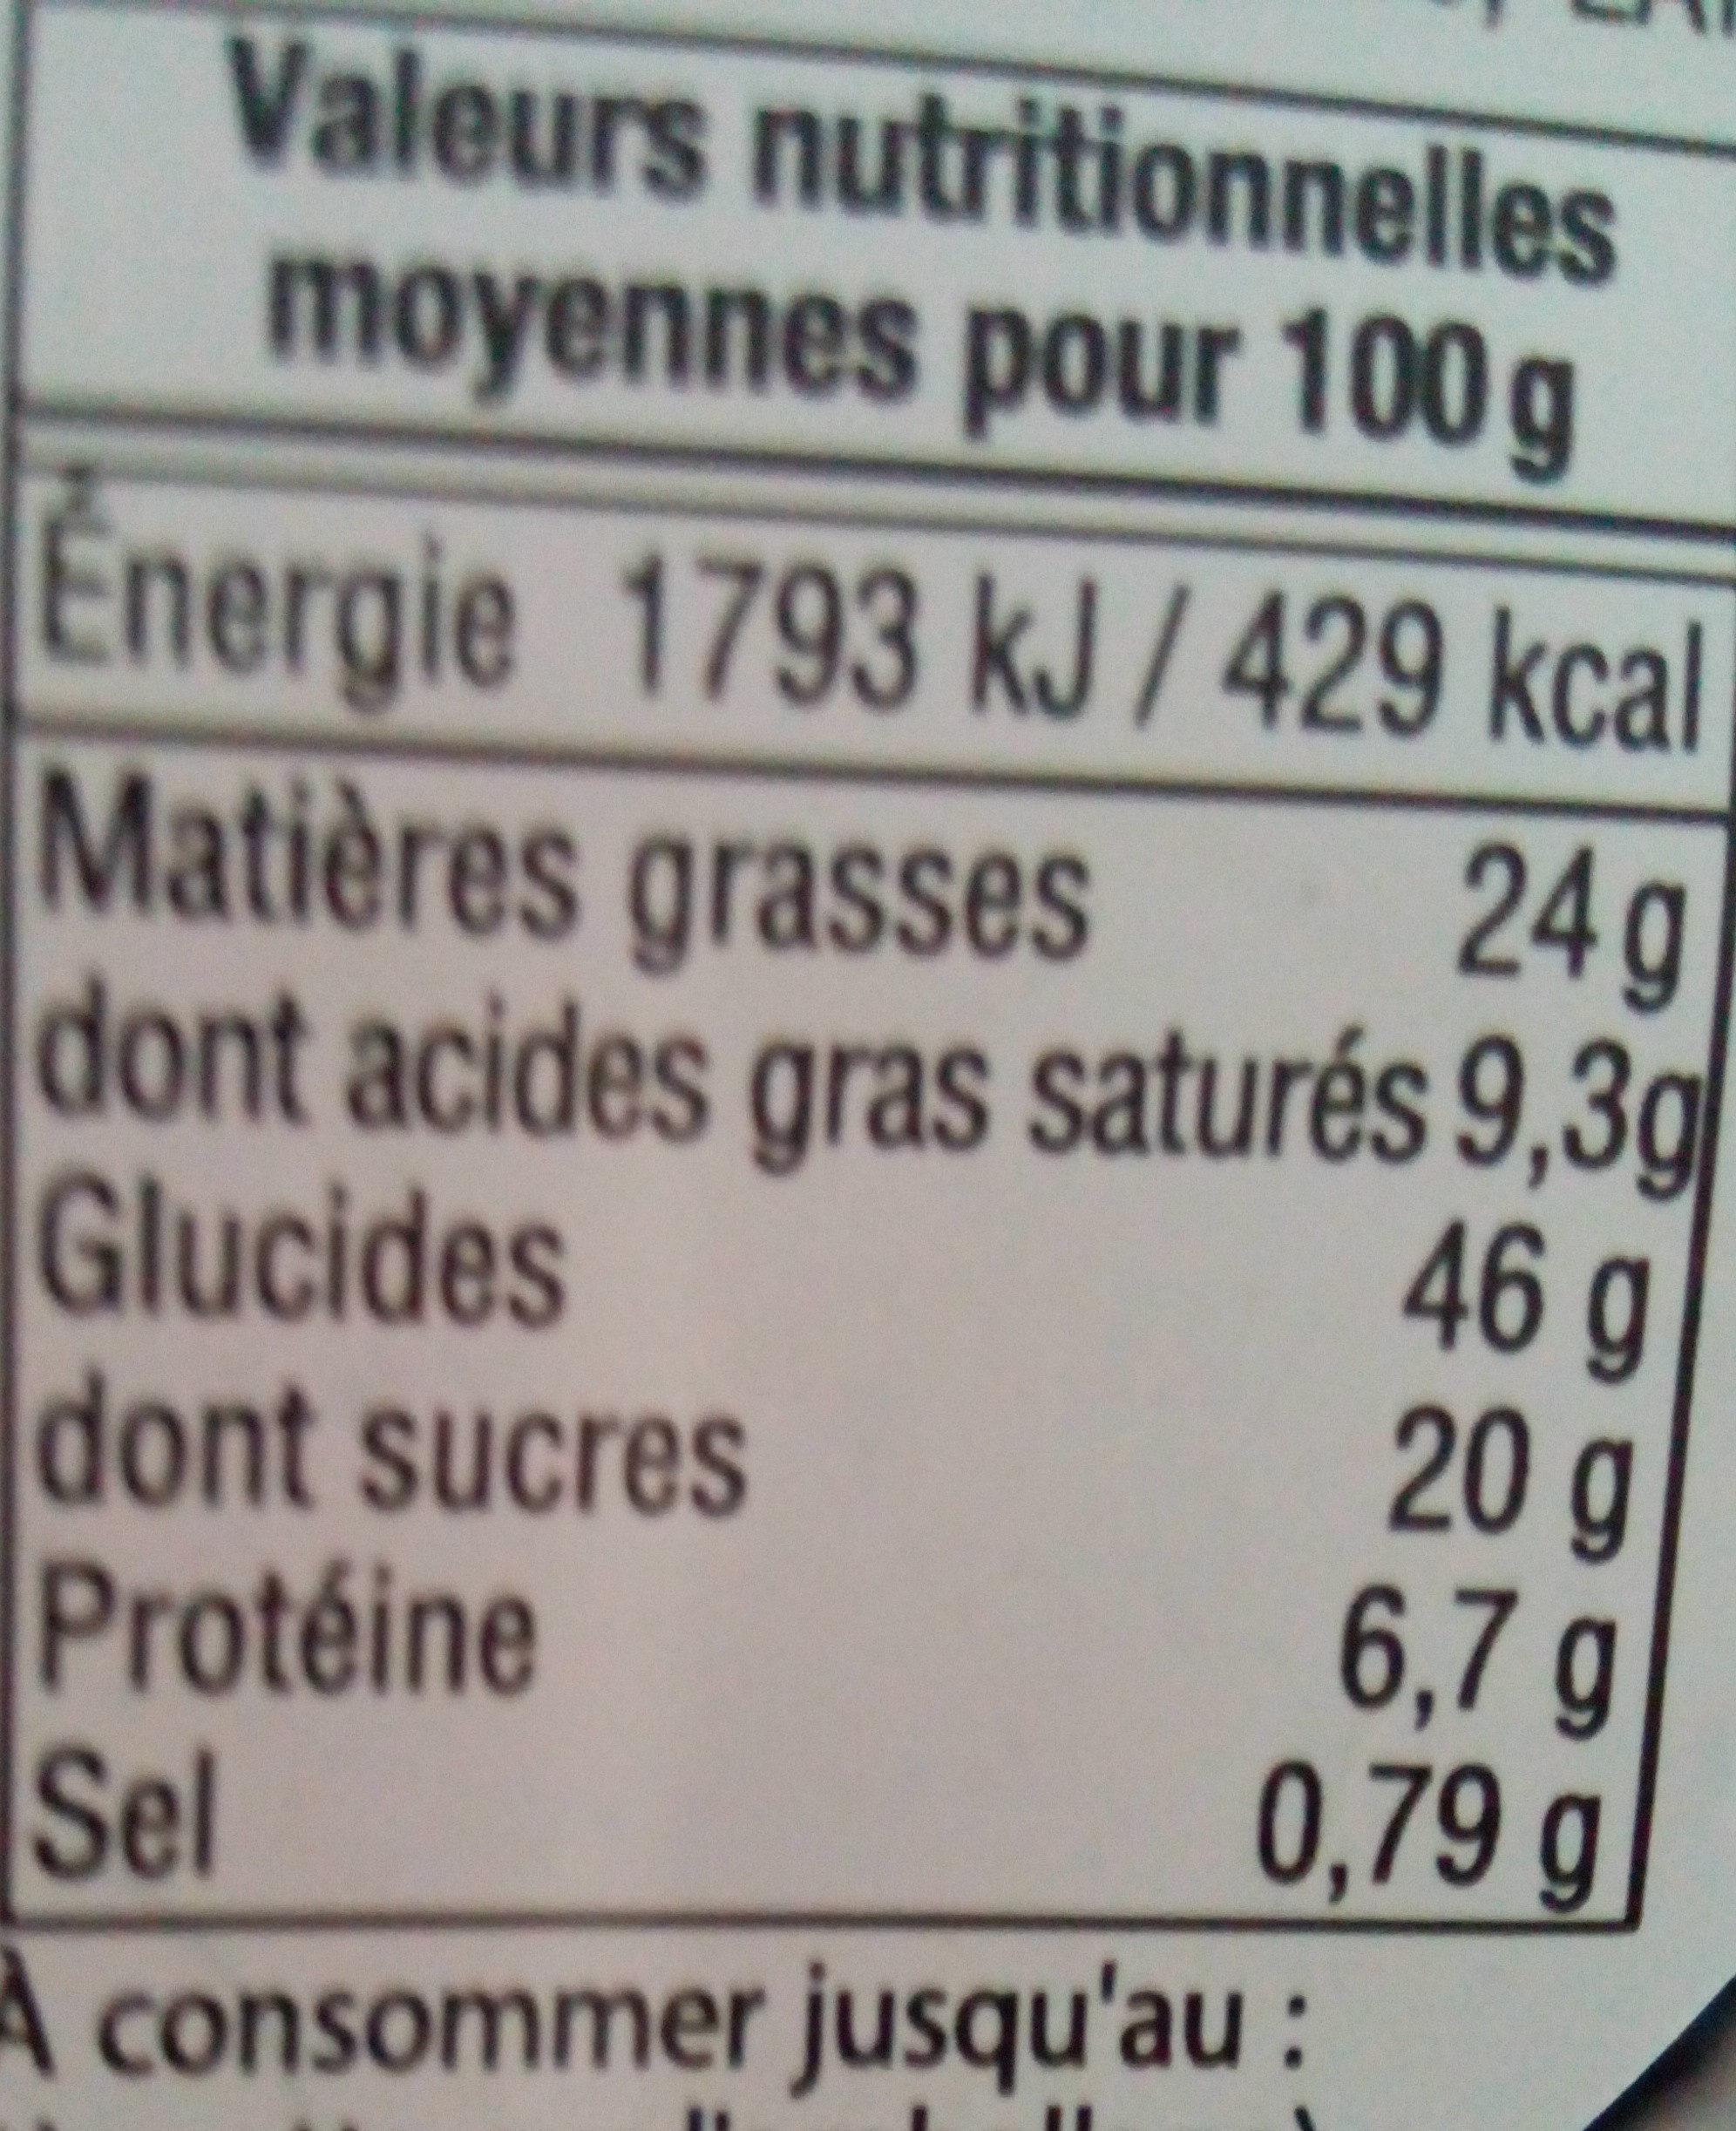 Mini beignet au chocolat blanc - Informations nutritionnelles - fr